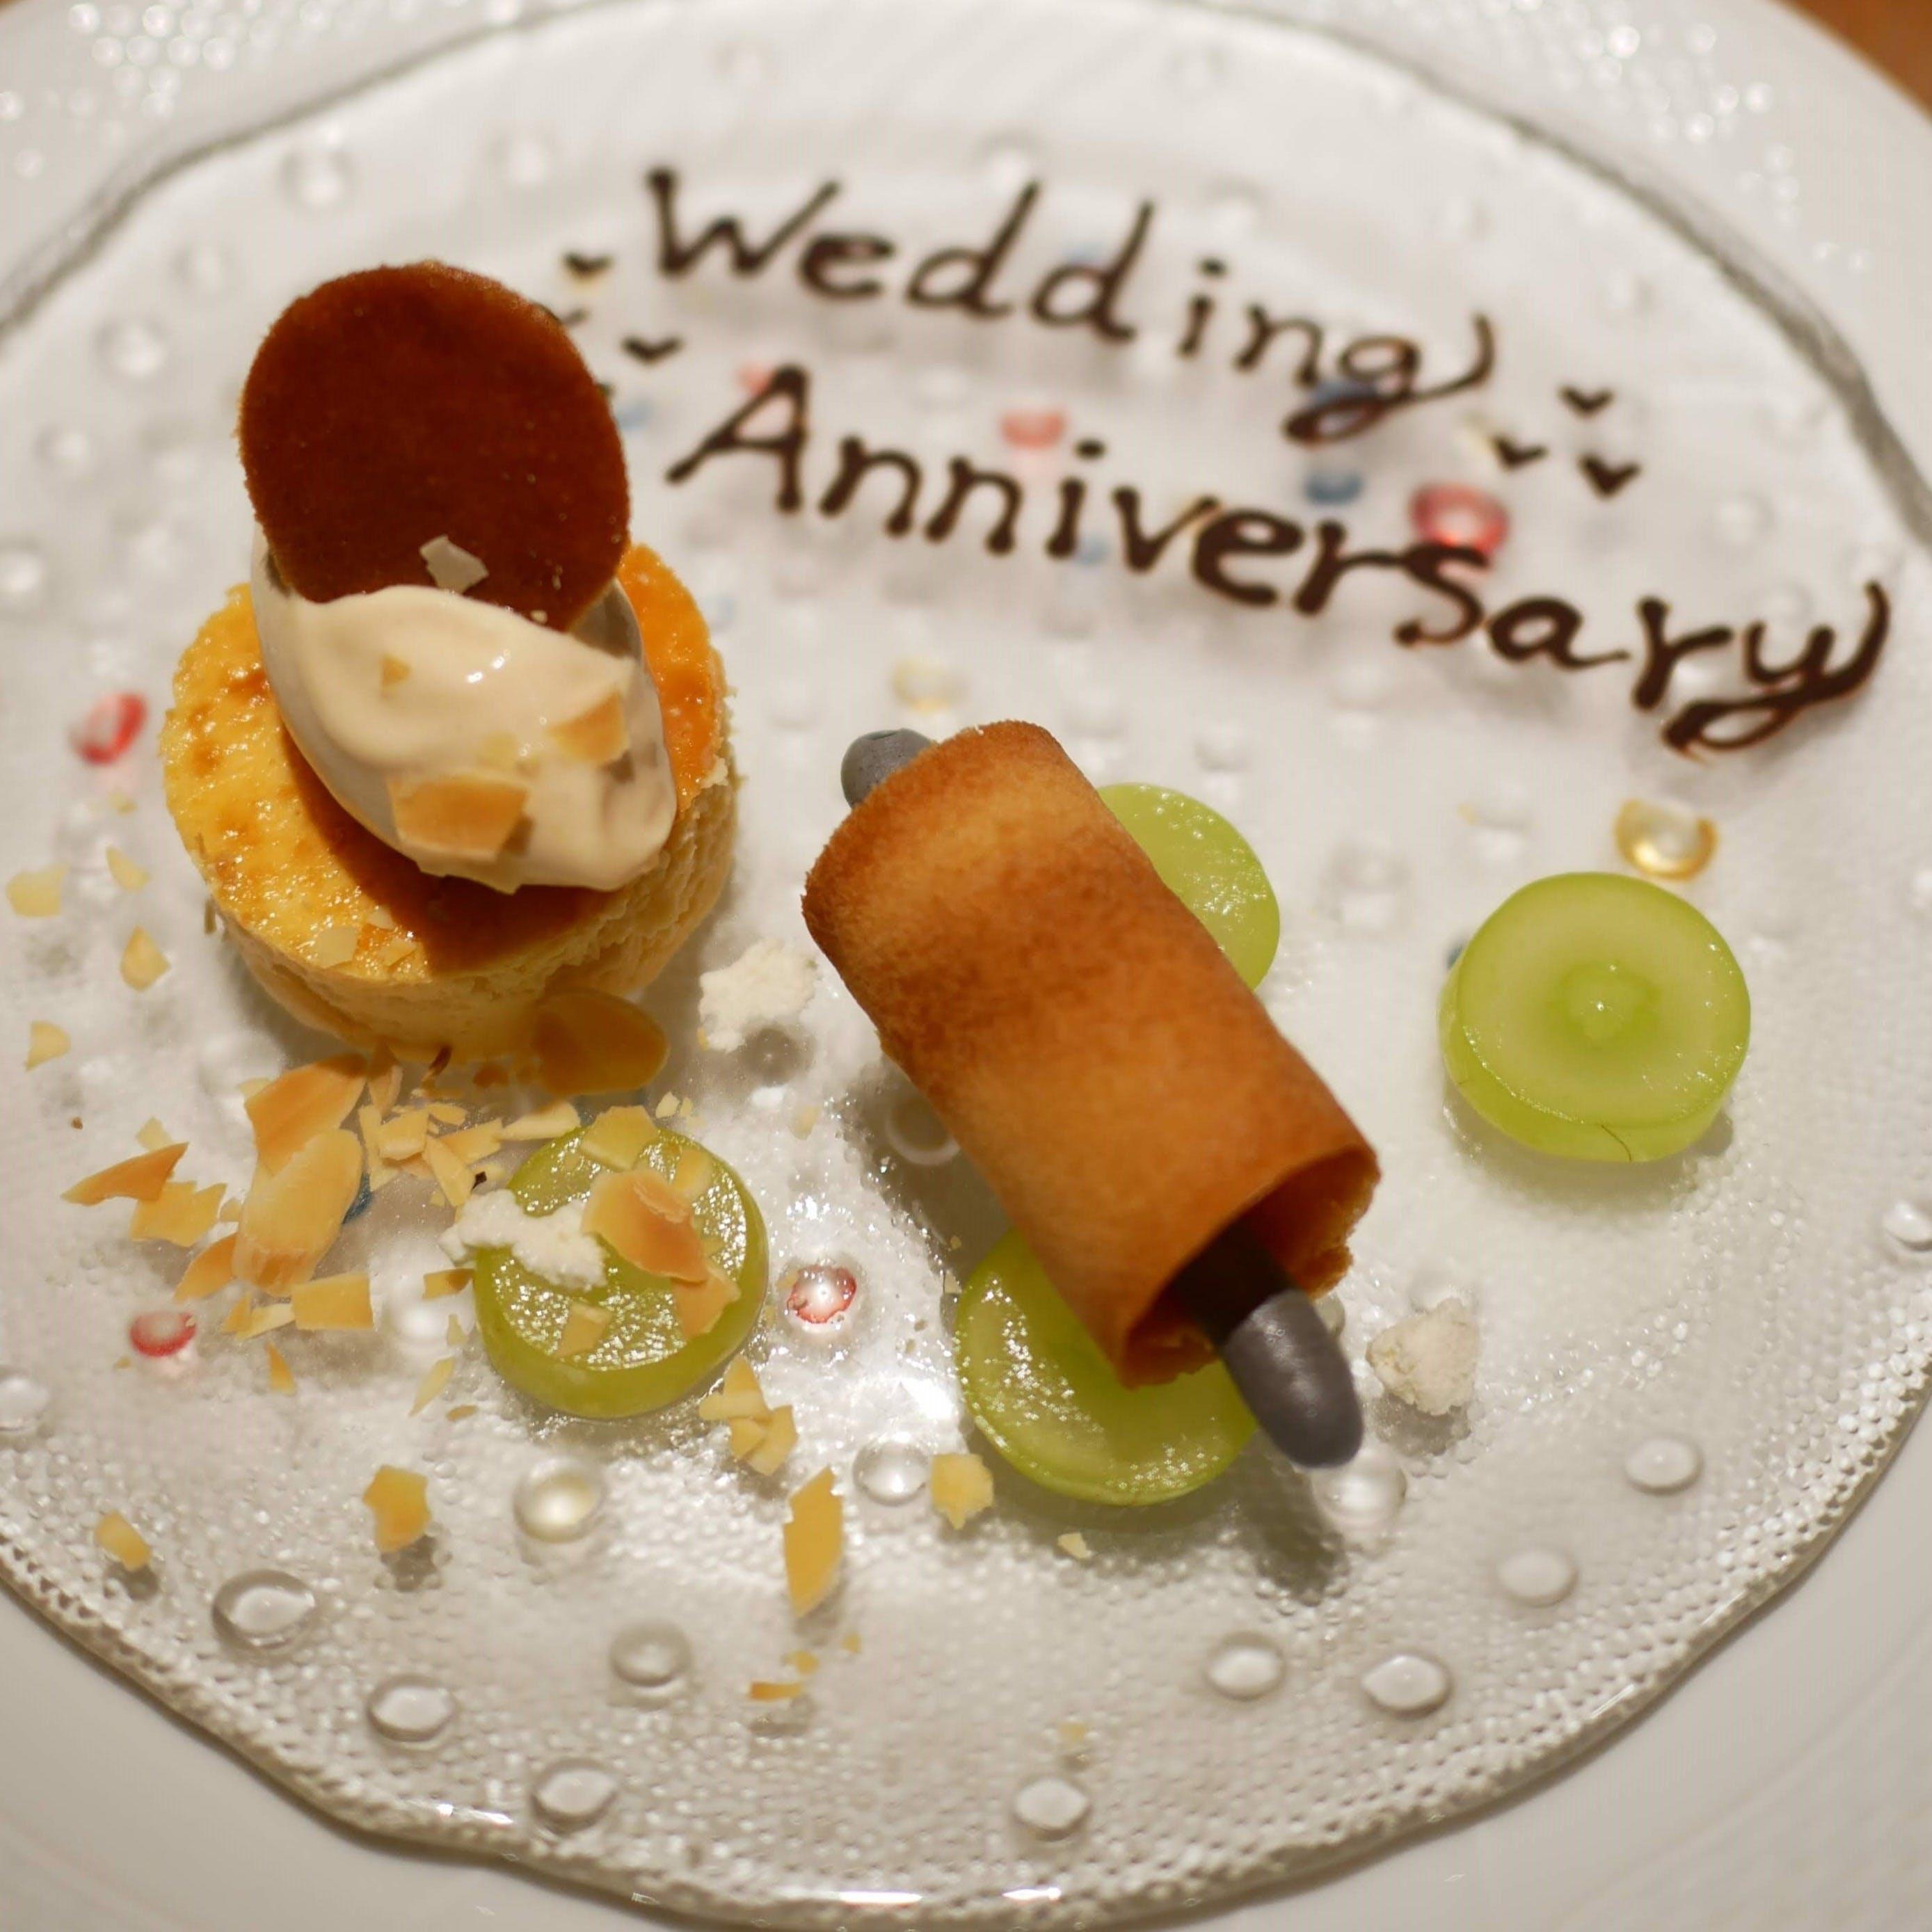 お祝いに!デザートのお皿にメッセージをお入れします。